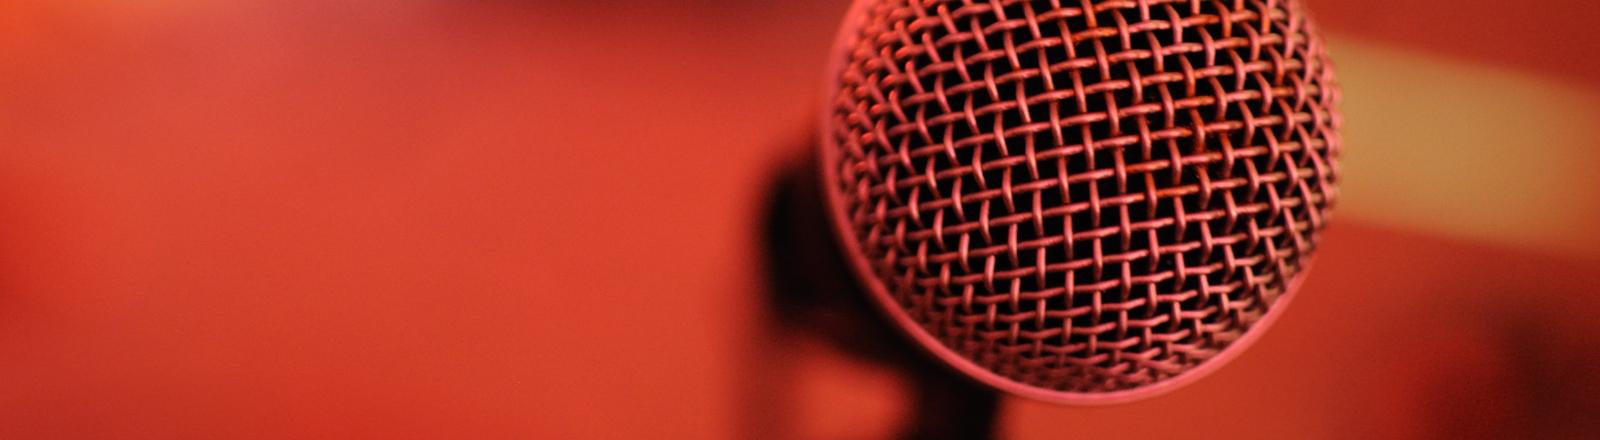 Ein Mikrofon in Nahaufnahme